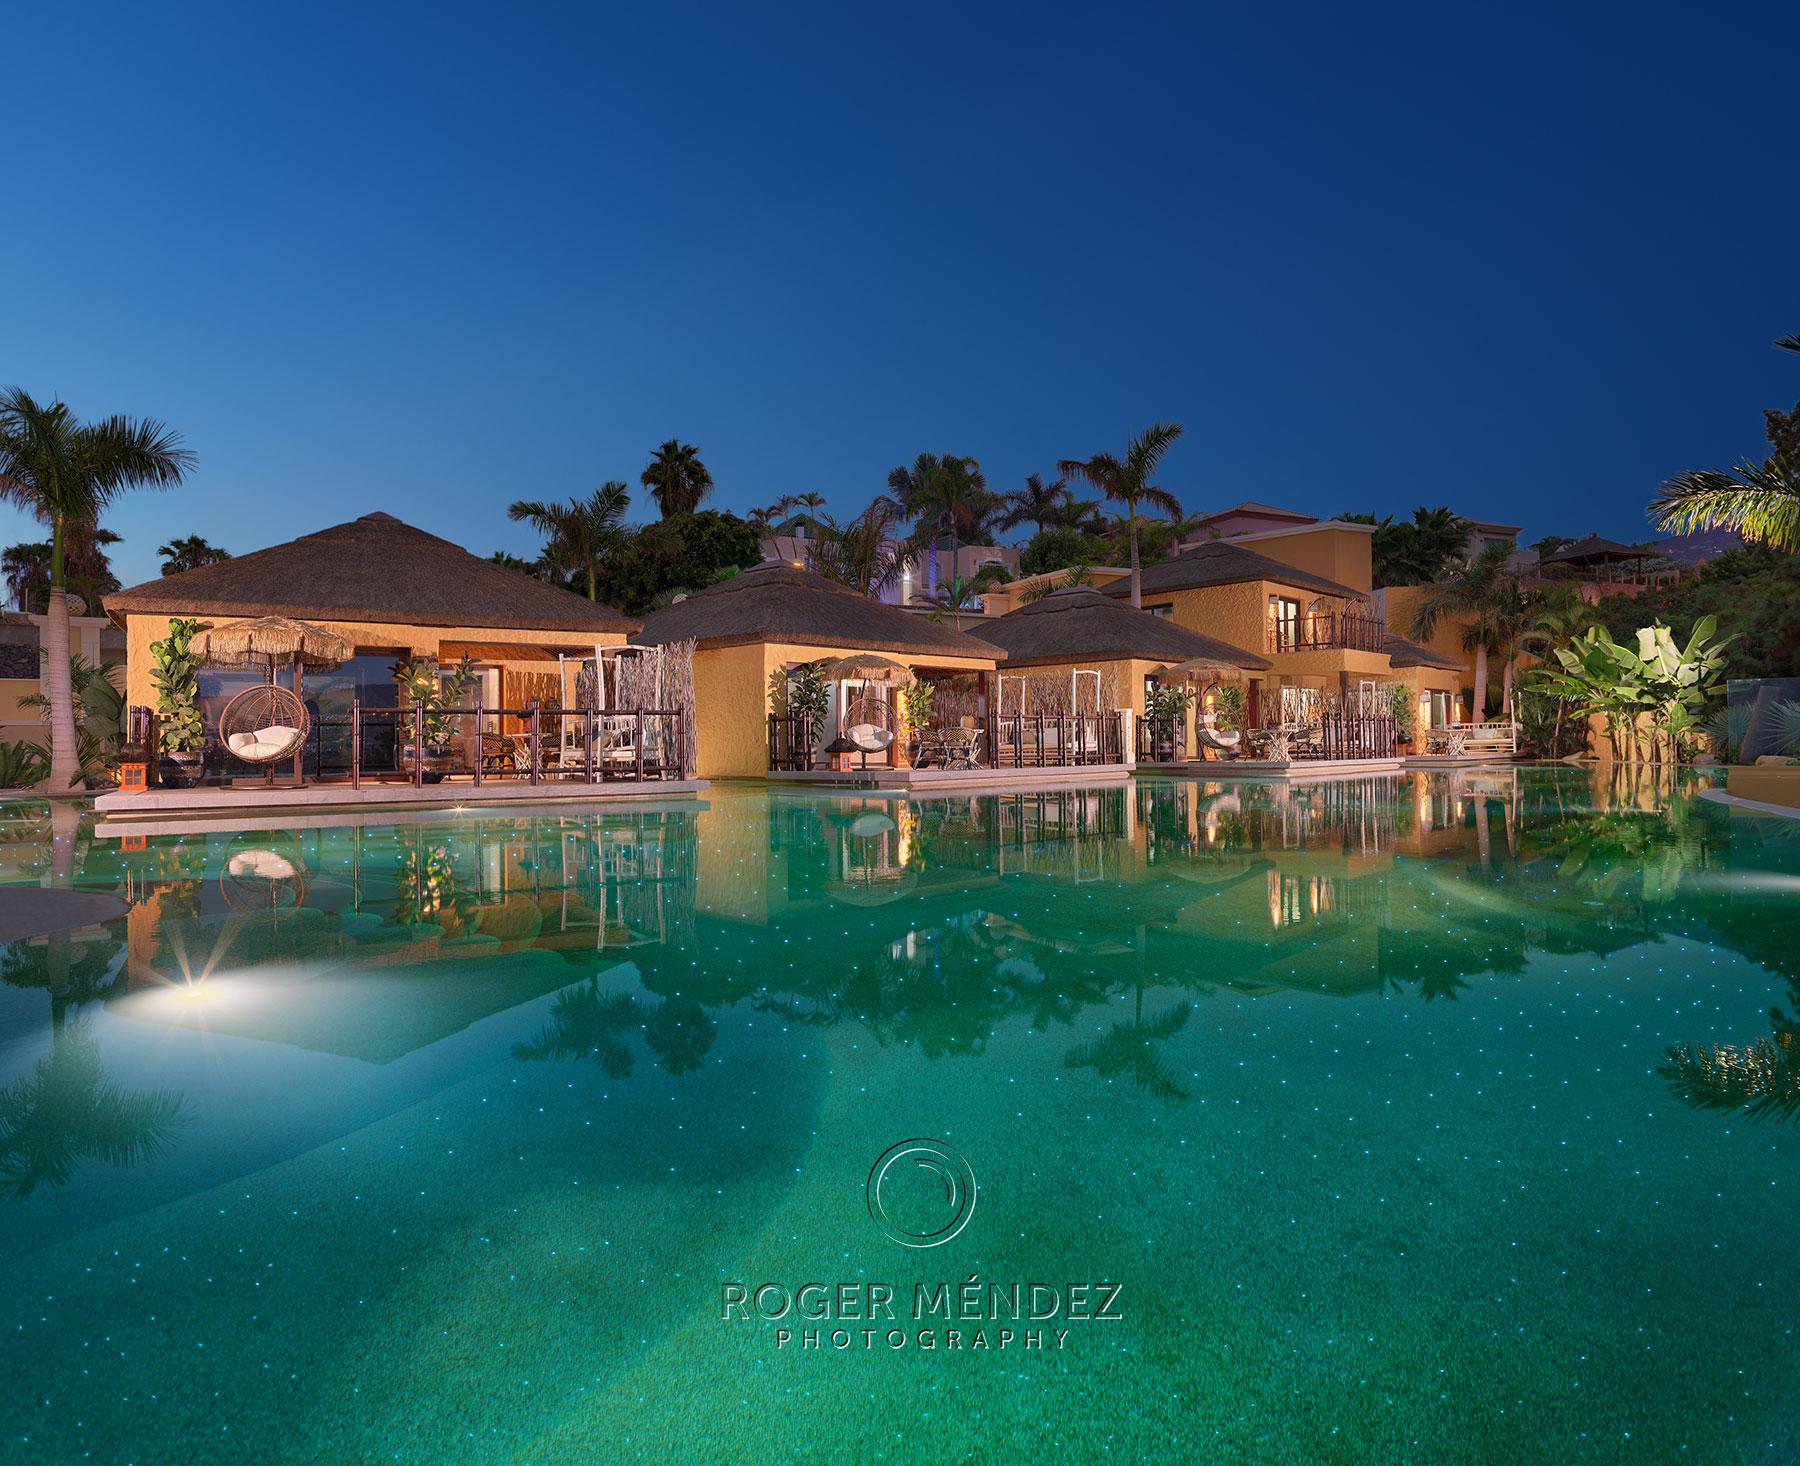 Fotografía de piscina Lagoon Villas al anochecer del Royal River